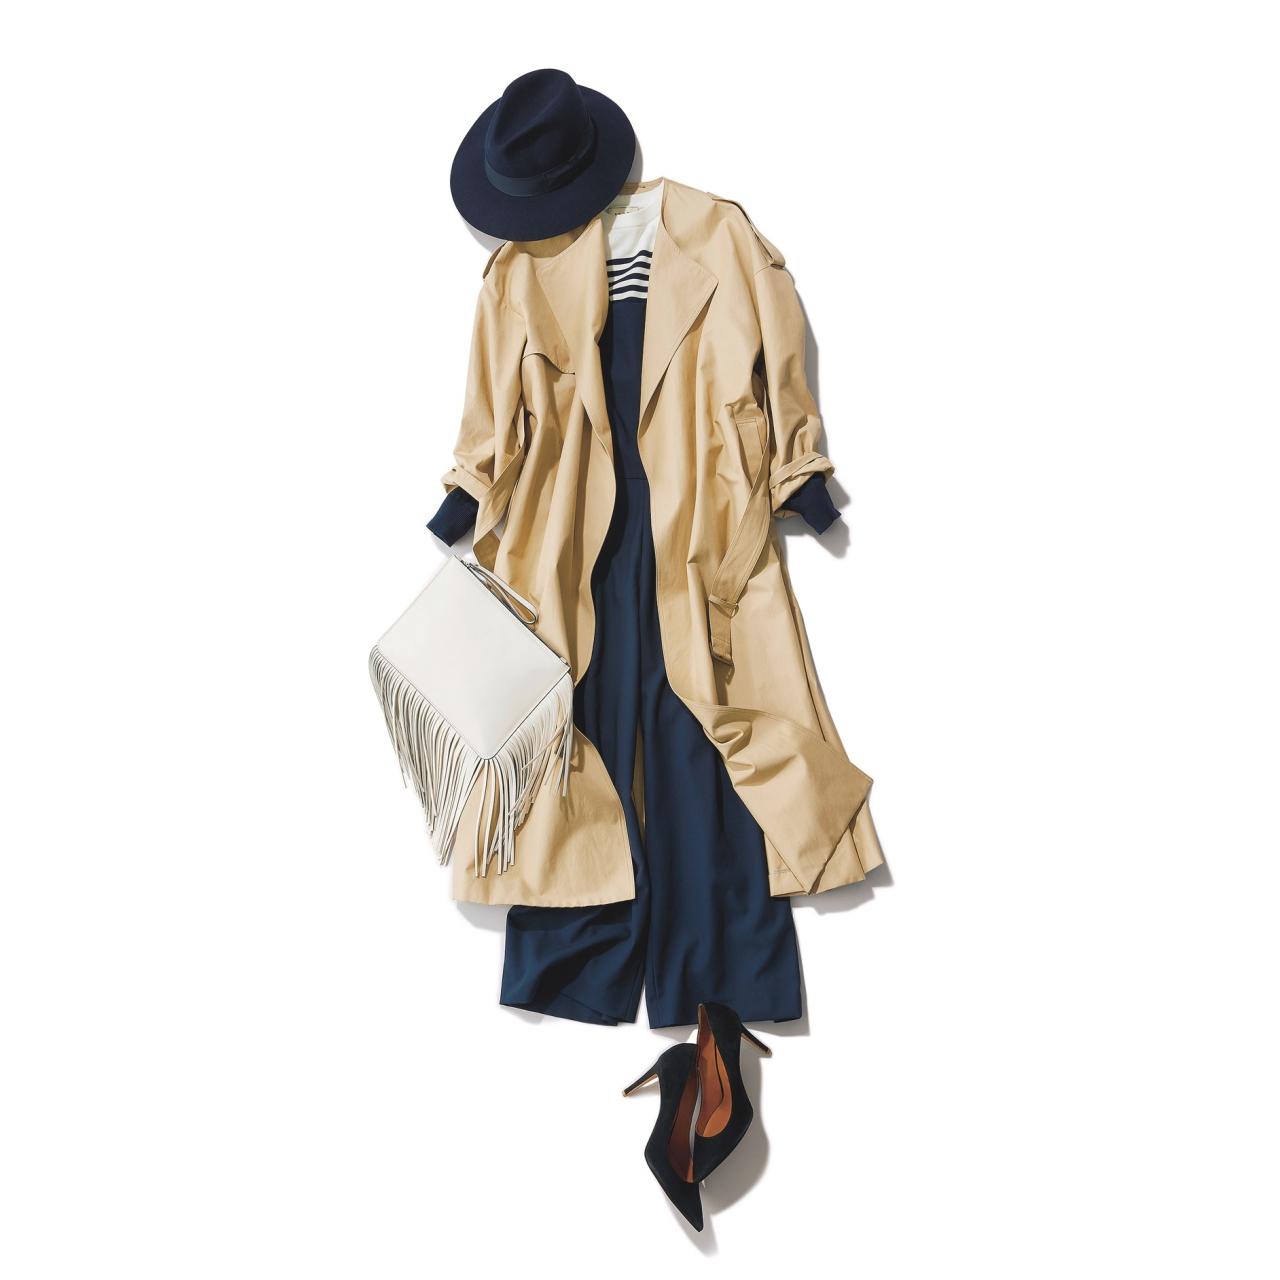 ベージュのトレンチコート×ネイビーのオールインワンファッションコーデ